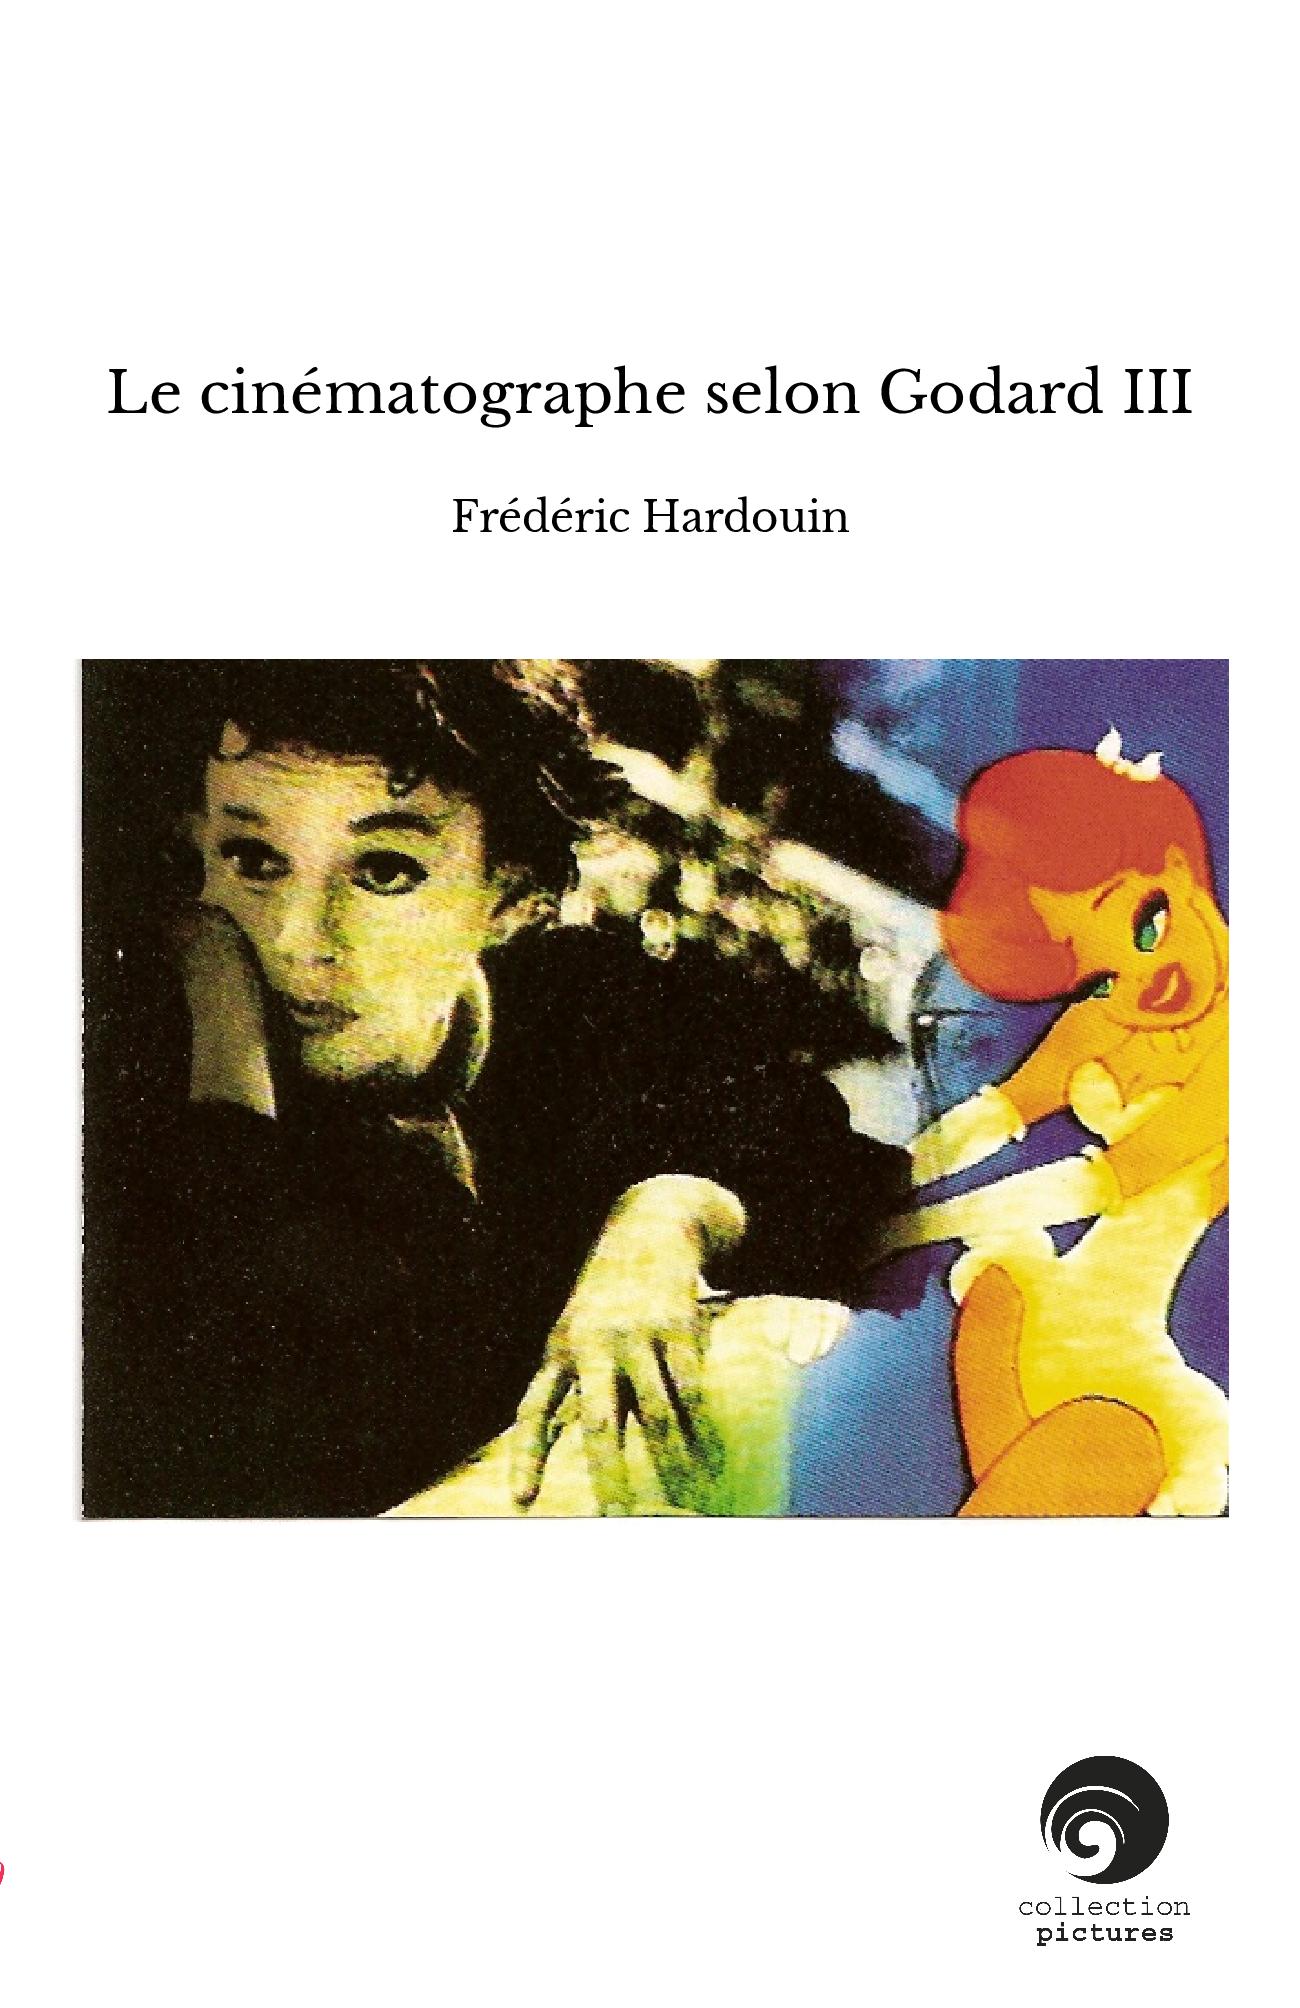 Le cinématographe selon Godard III